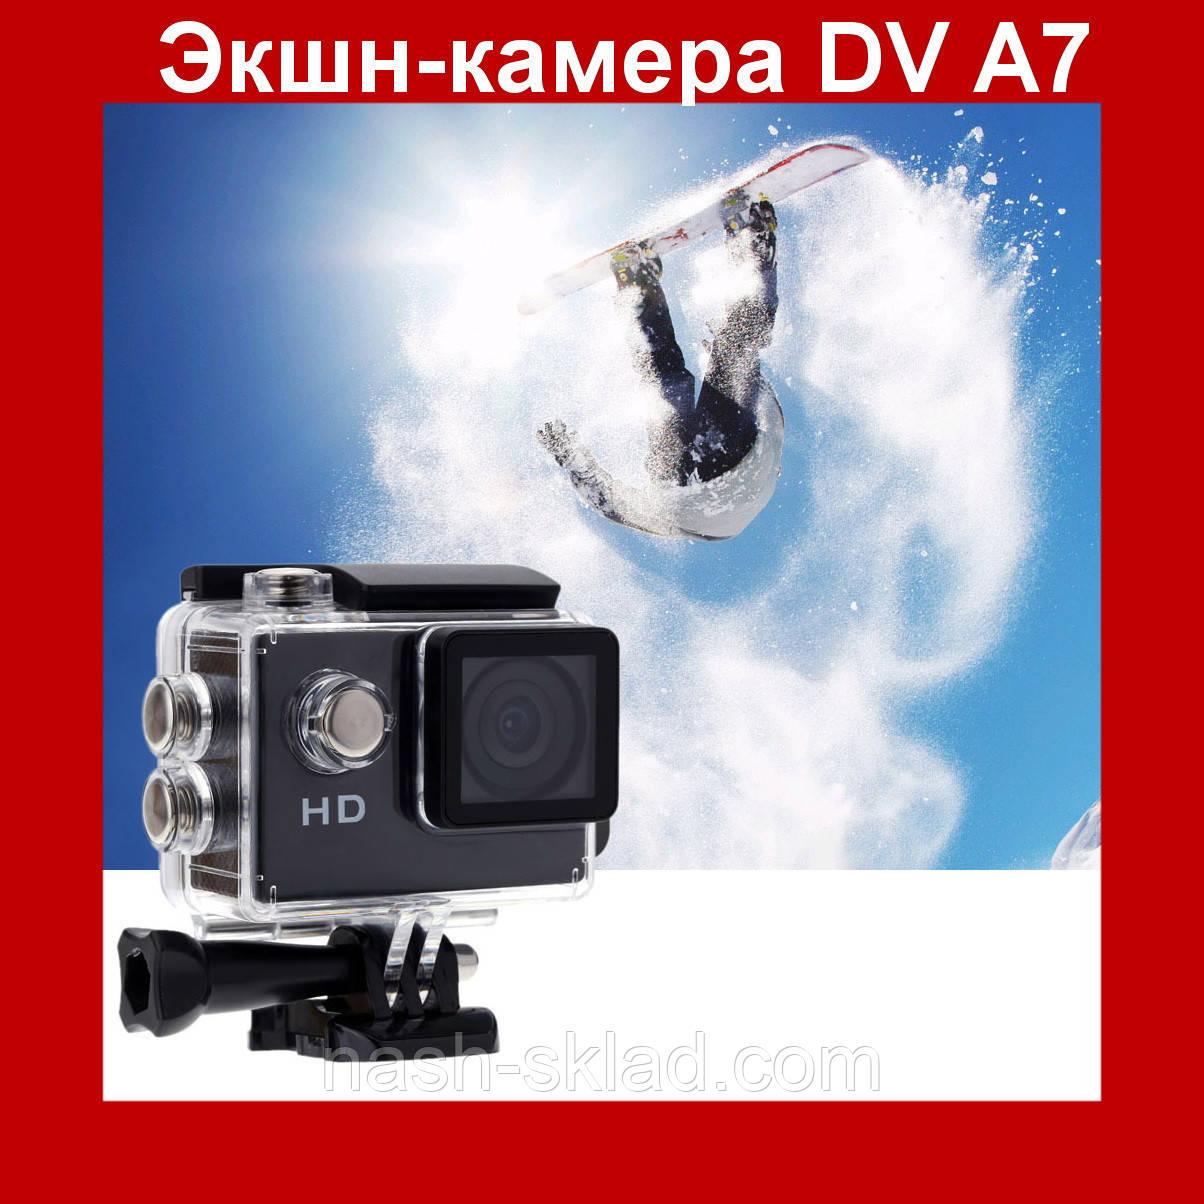 Спортивная экшн камера DV A7